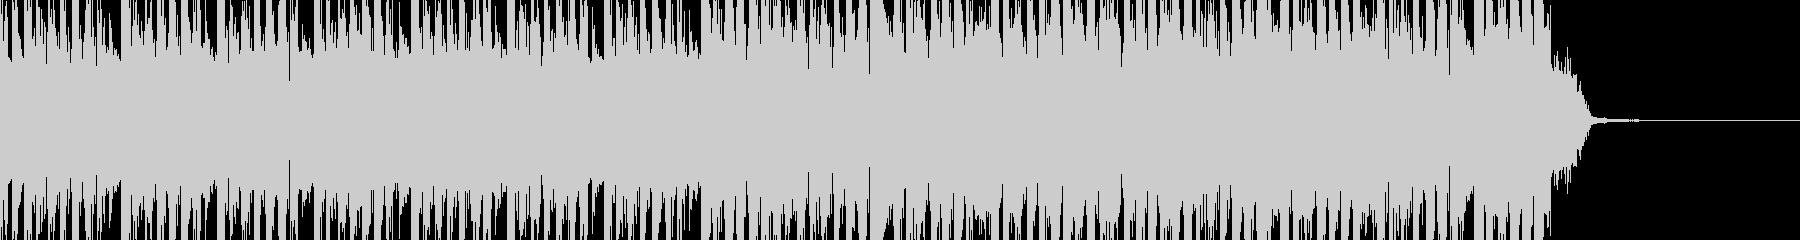 シンキングタイム:テクノダンス30秒の未再生の波形